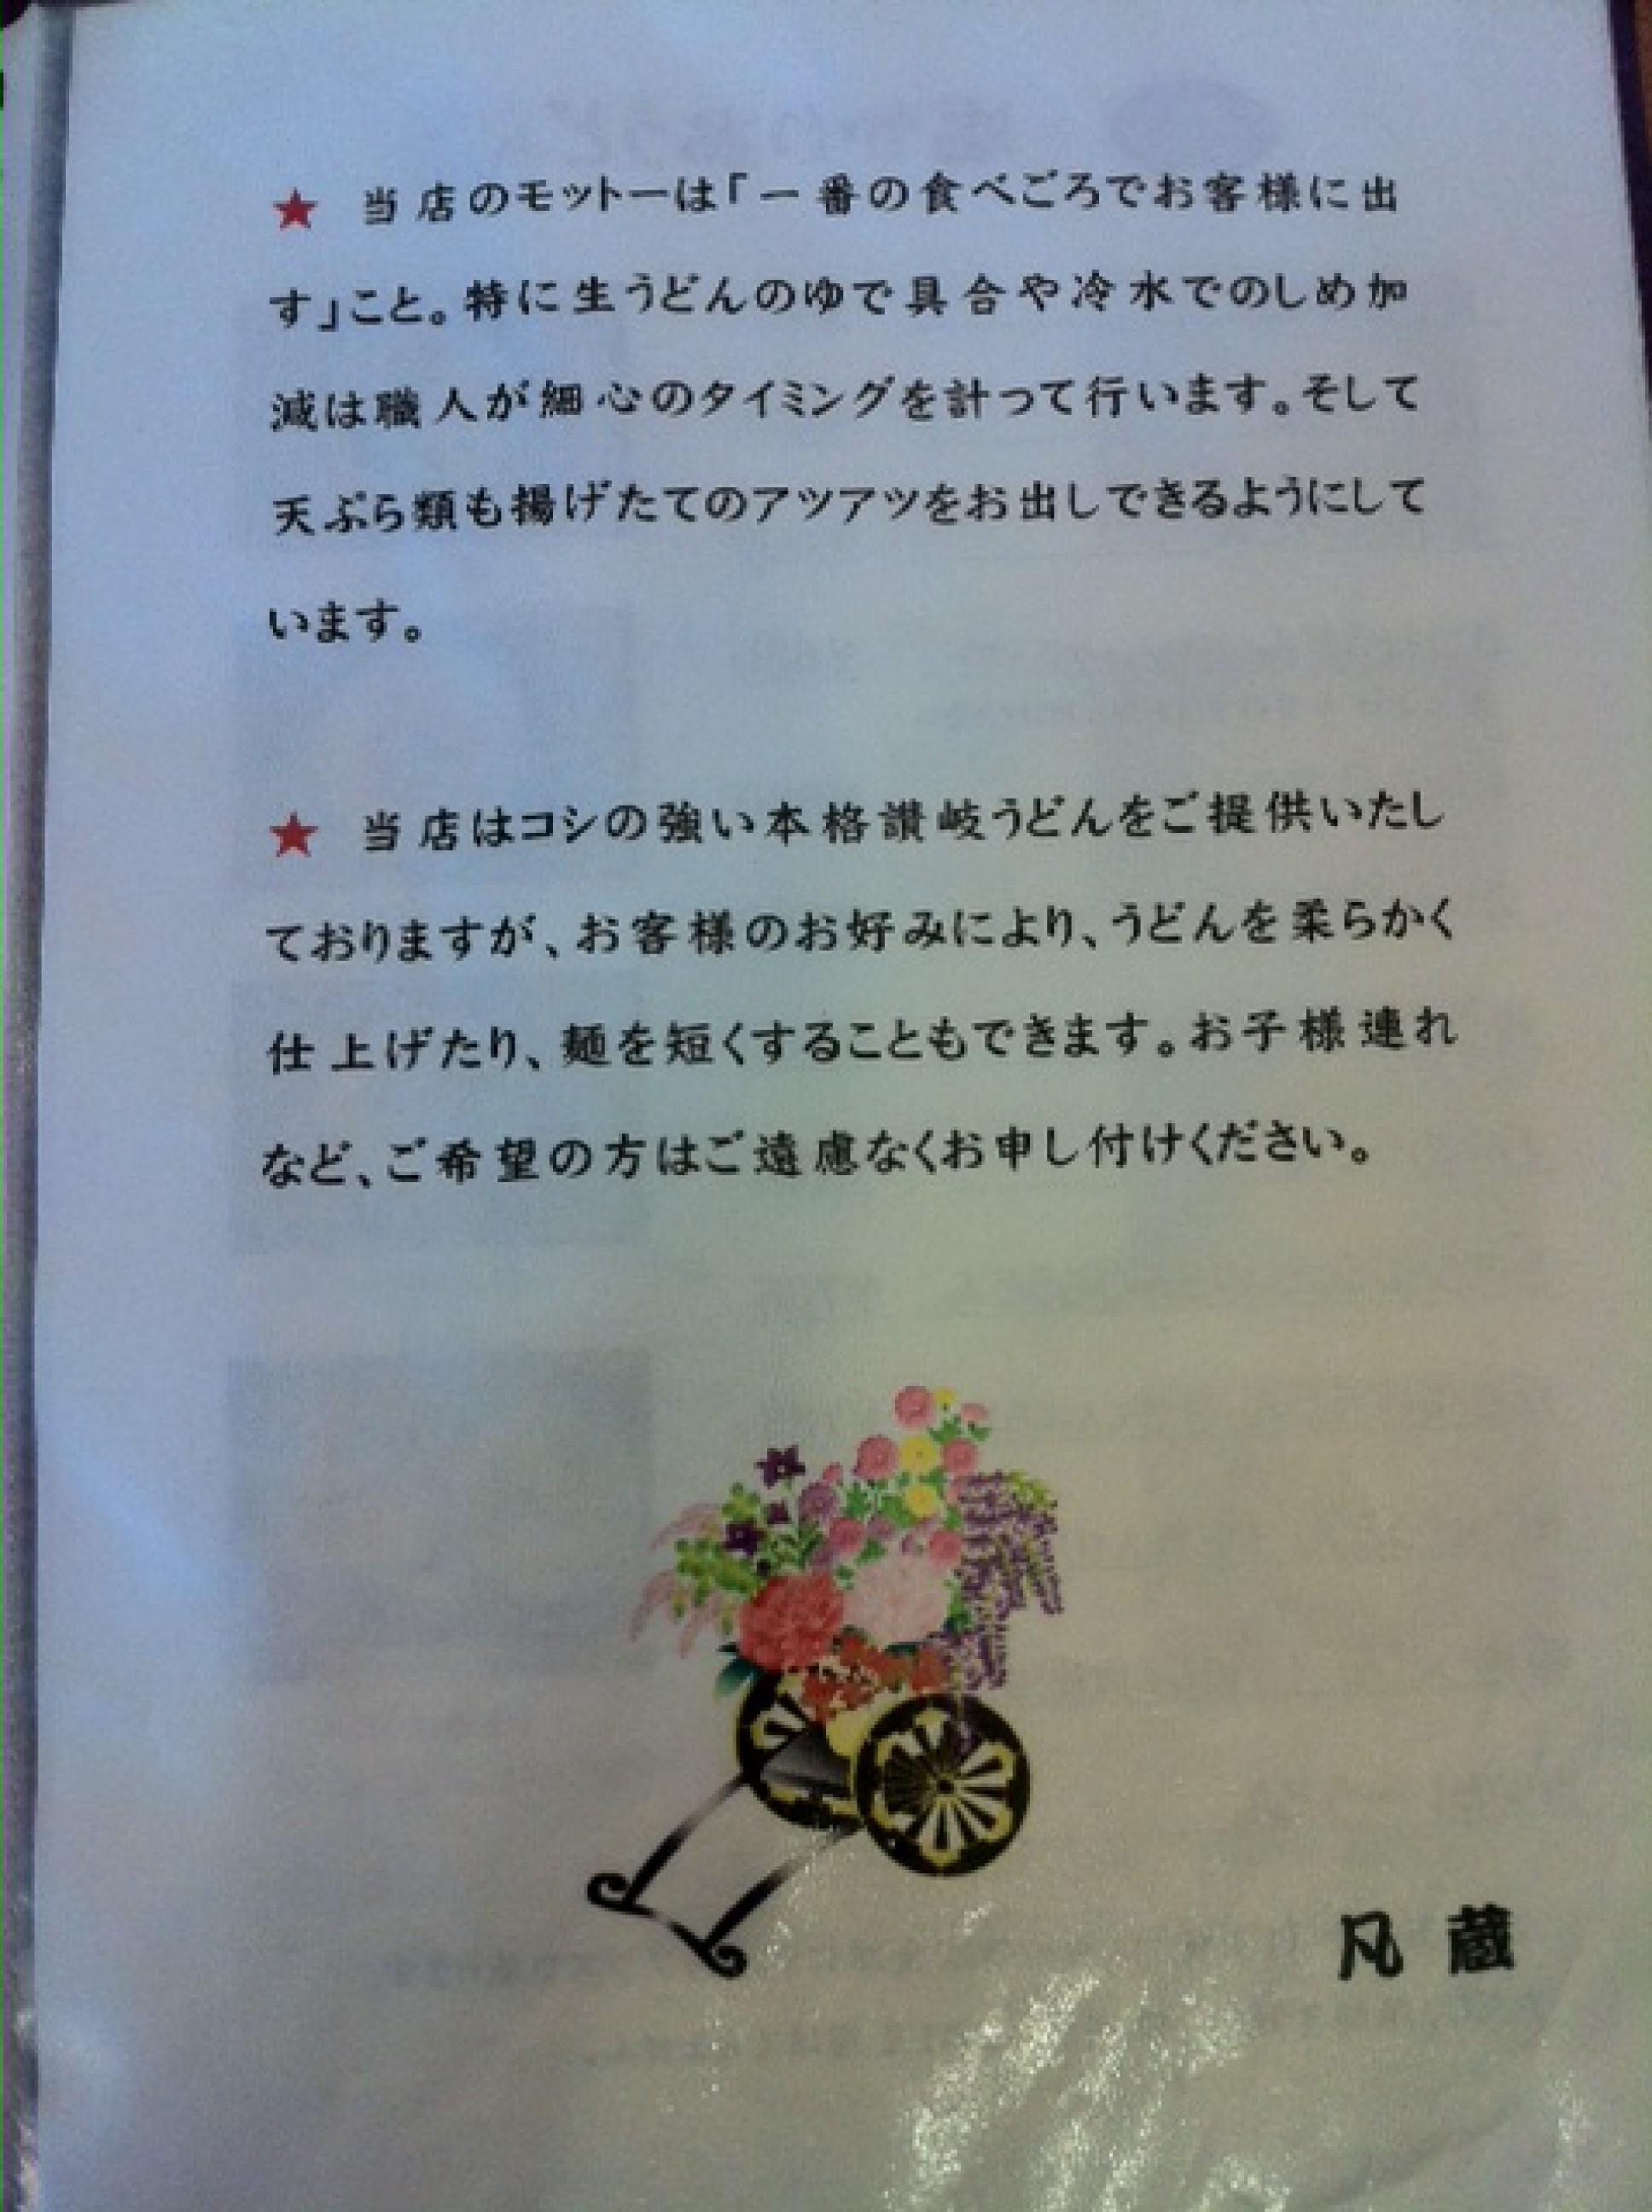 moblog_2ce2766d.jpg